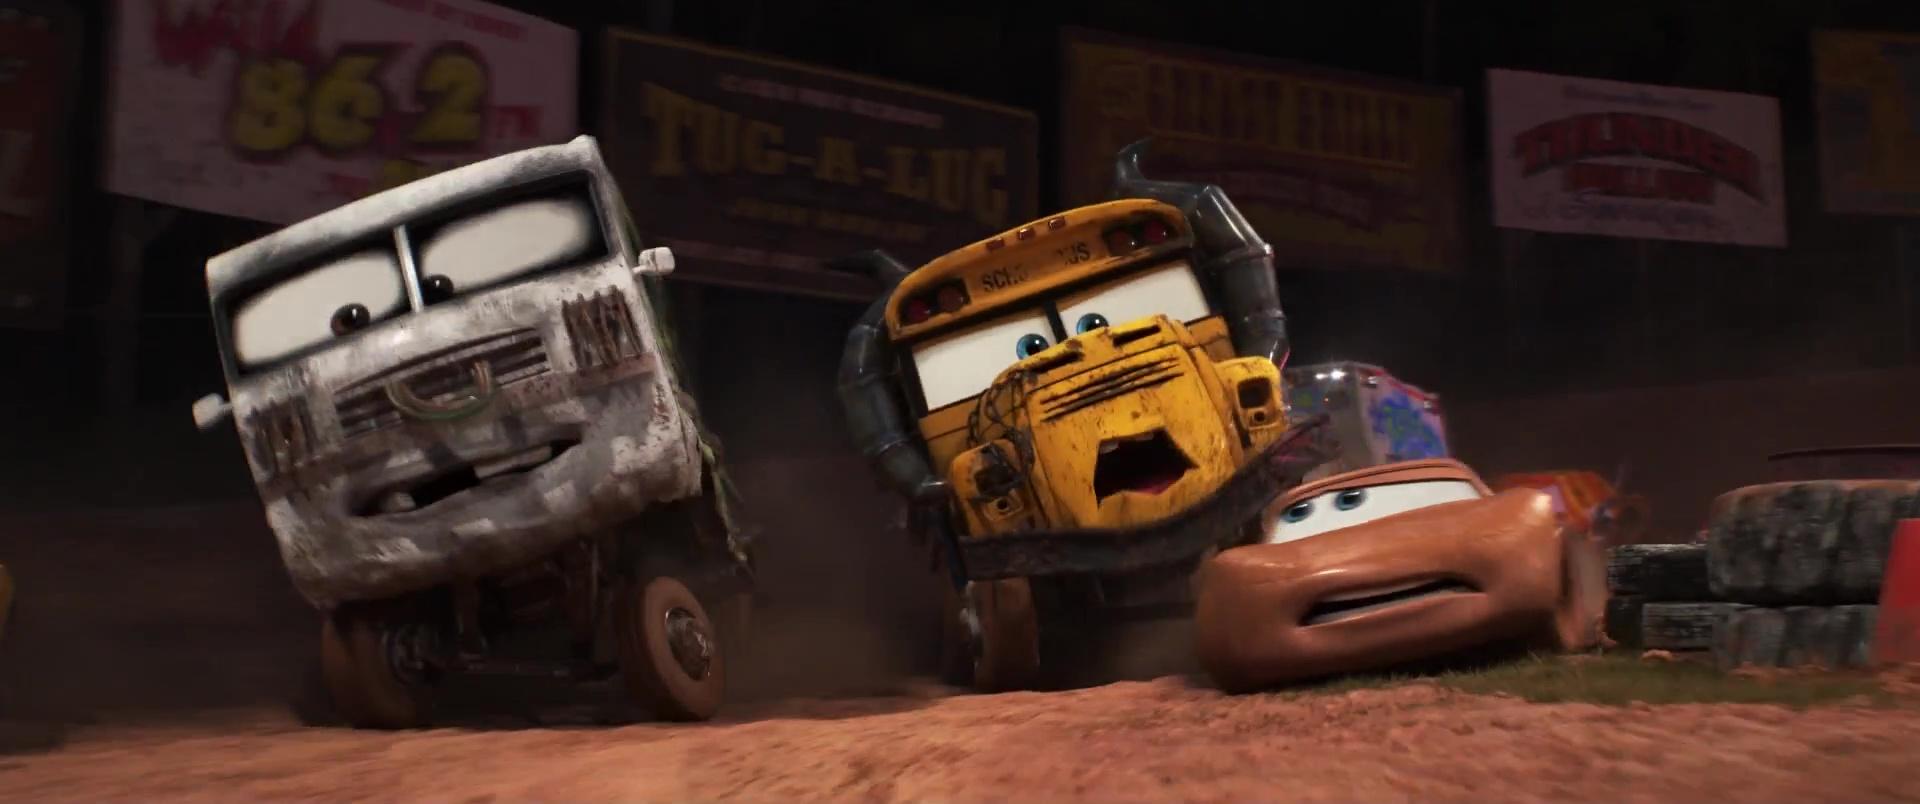 arvy personnage dans cars 3 pixar planet fr. Black Bedroom Furniture Sets. Home Design Ideas